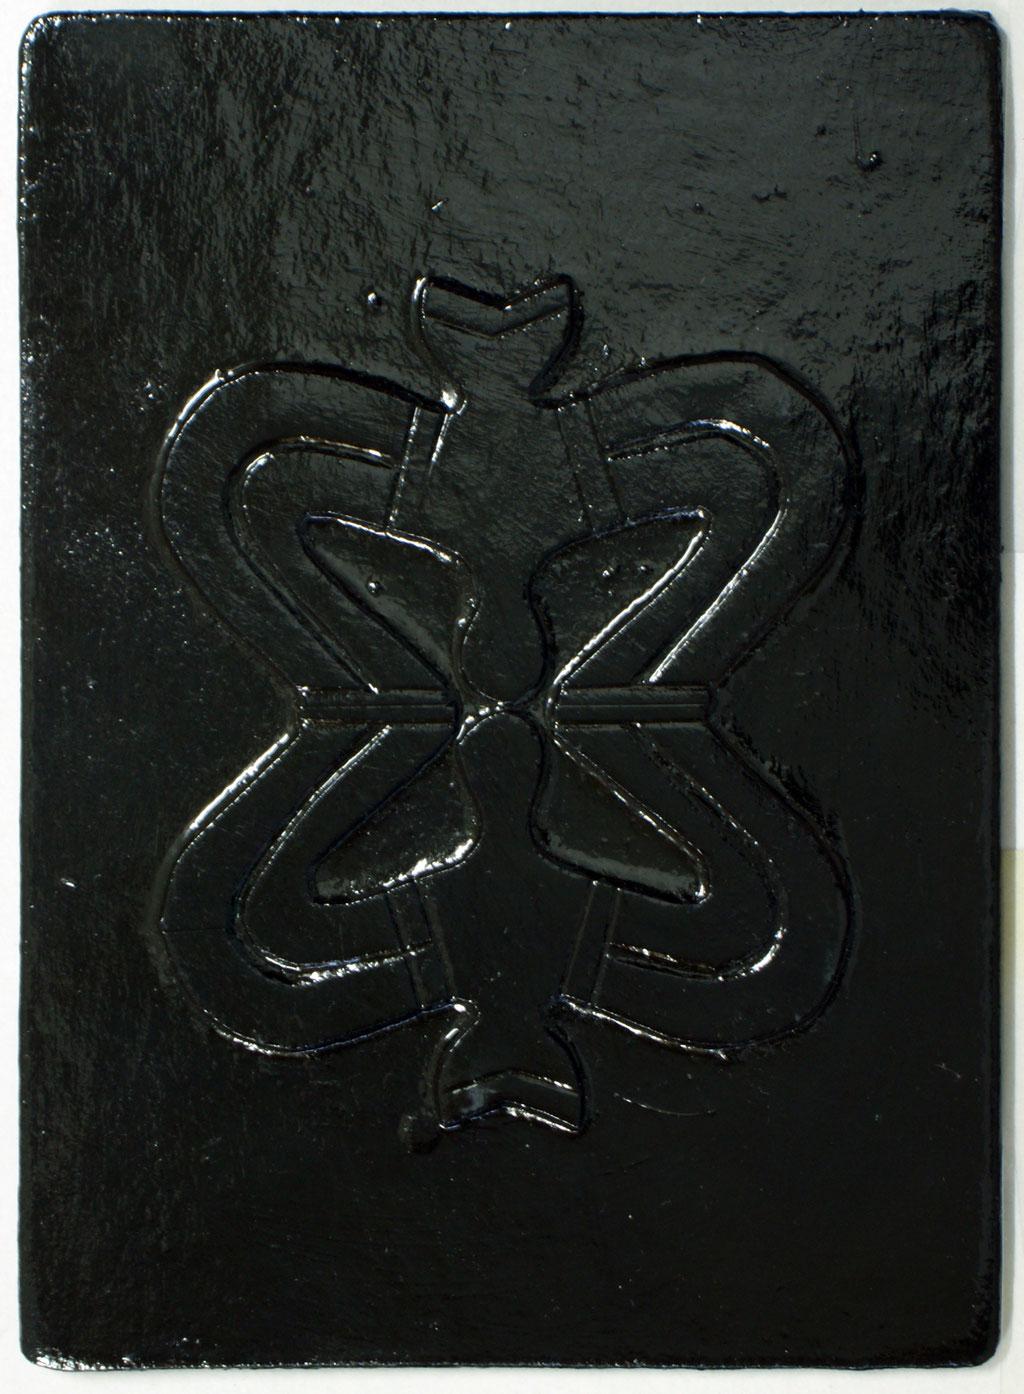 <b>o.T., 2002, </b><br>Mischtechnik auf Hartfaser, <br>21 x 15 cm